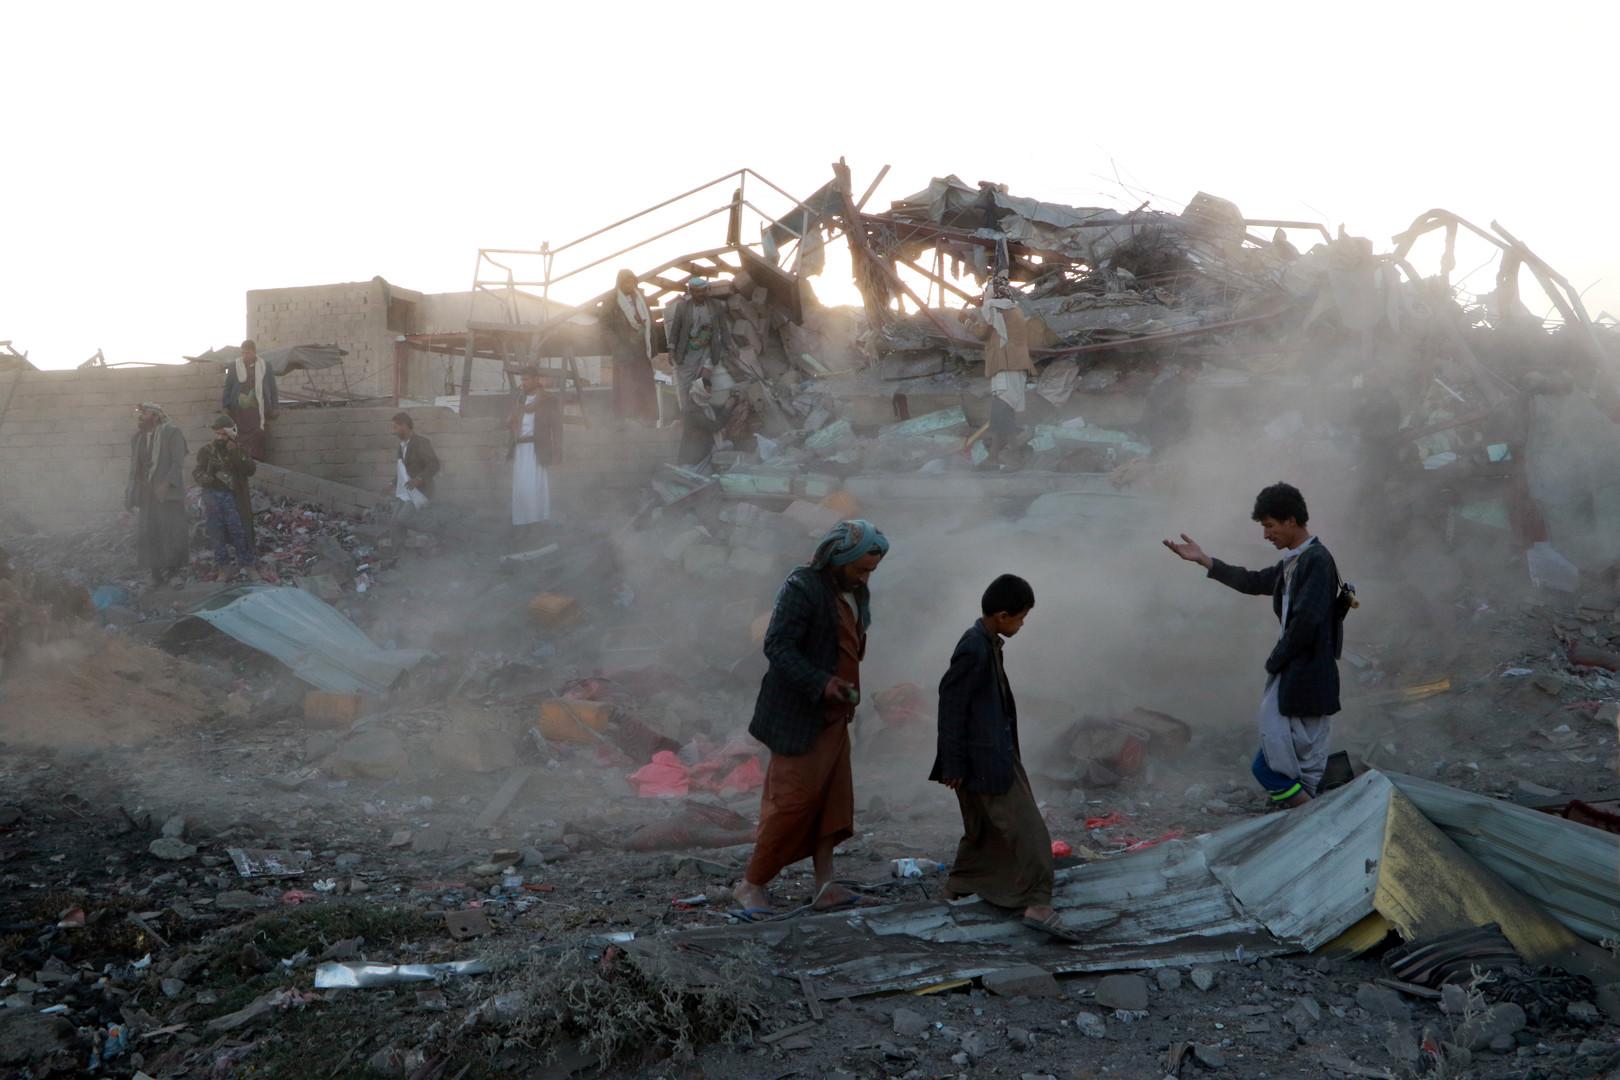 Jemen: Saudischer Luftangriff auf Markt in Saada tötet 26 Menschen